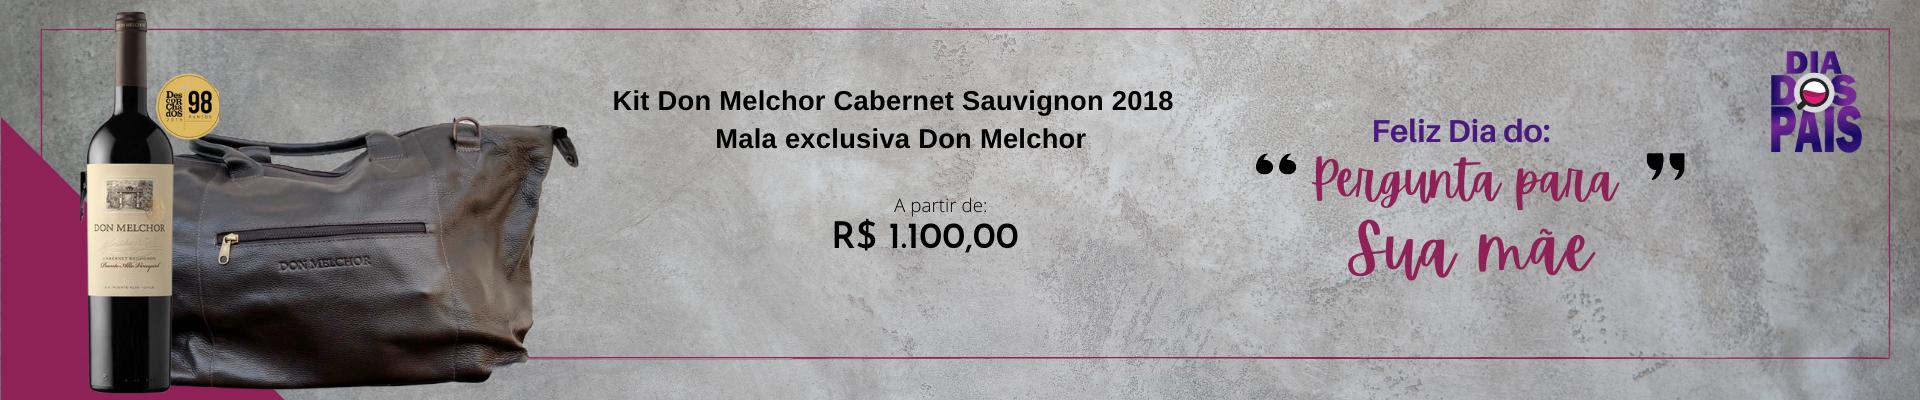 Kit Don Melchor Cabernet Sauvignon 2018 + Mala exclusiva Don Melchor